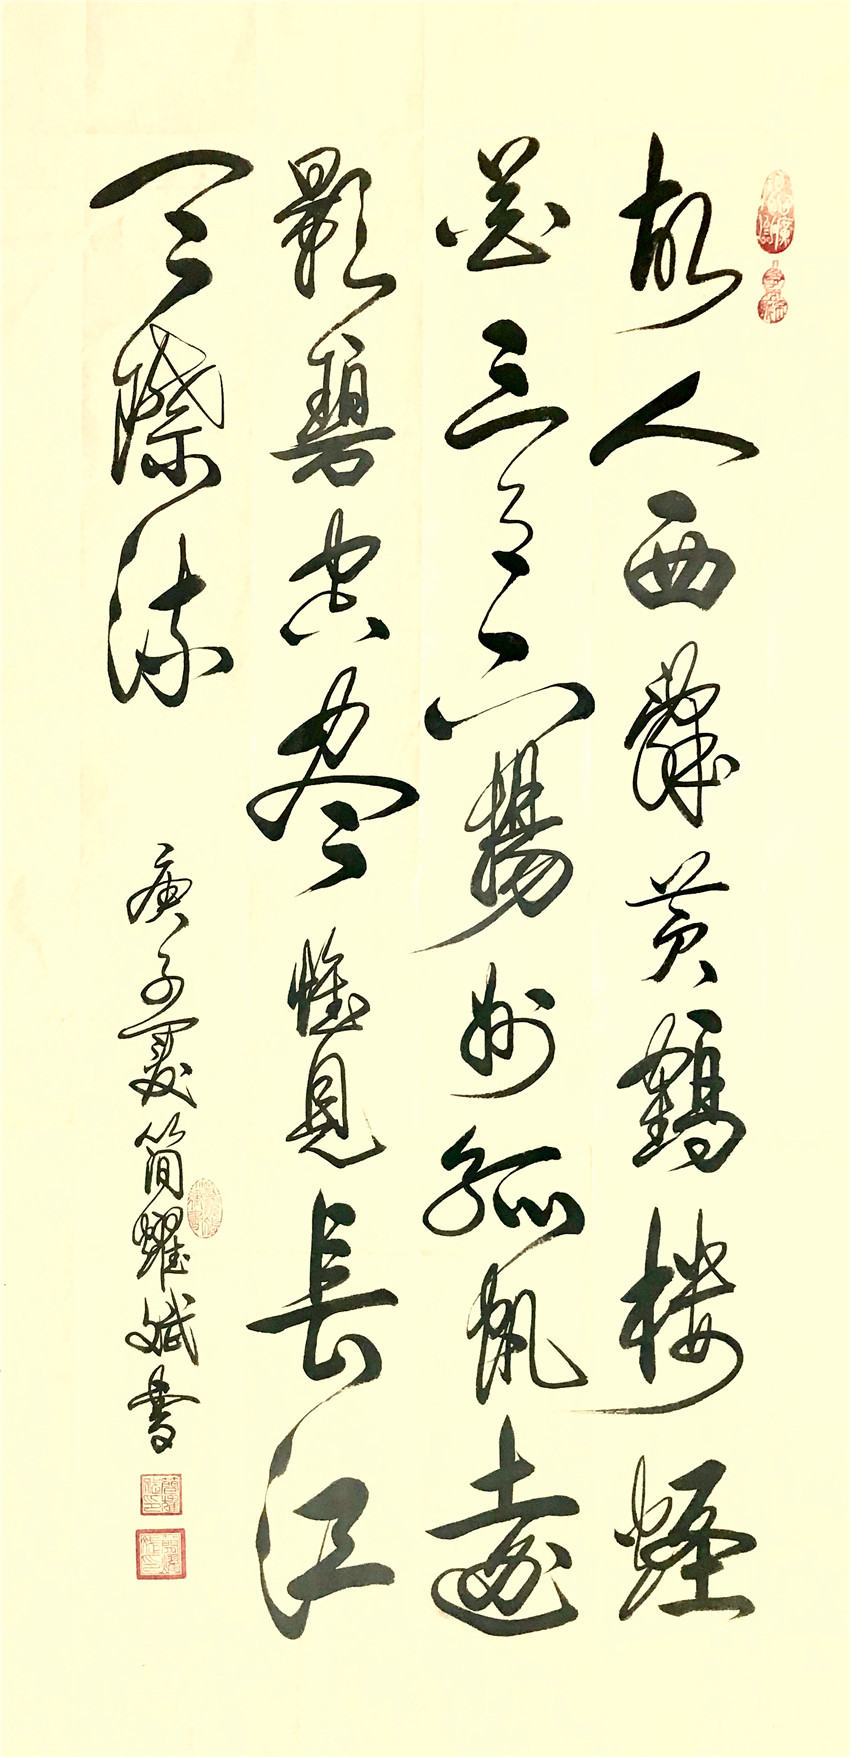 本市热点:庆祝建党百年――书画名家简耀斌作品网络展